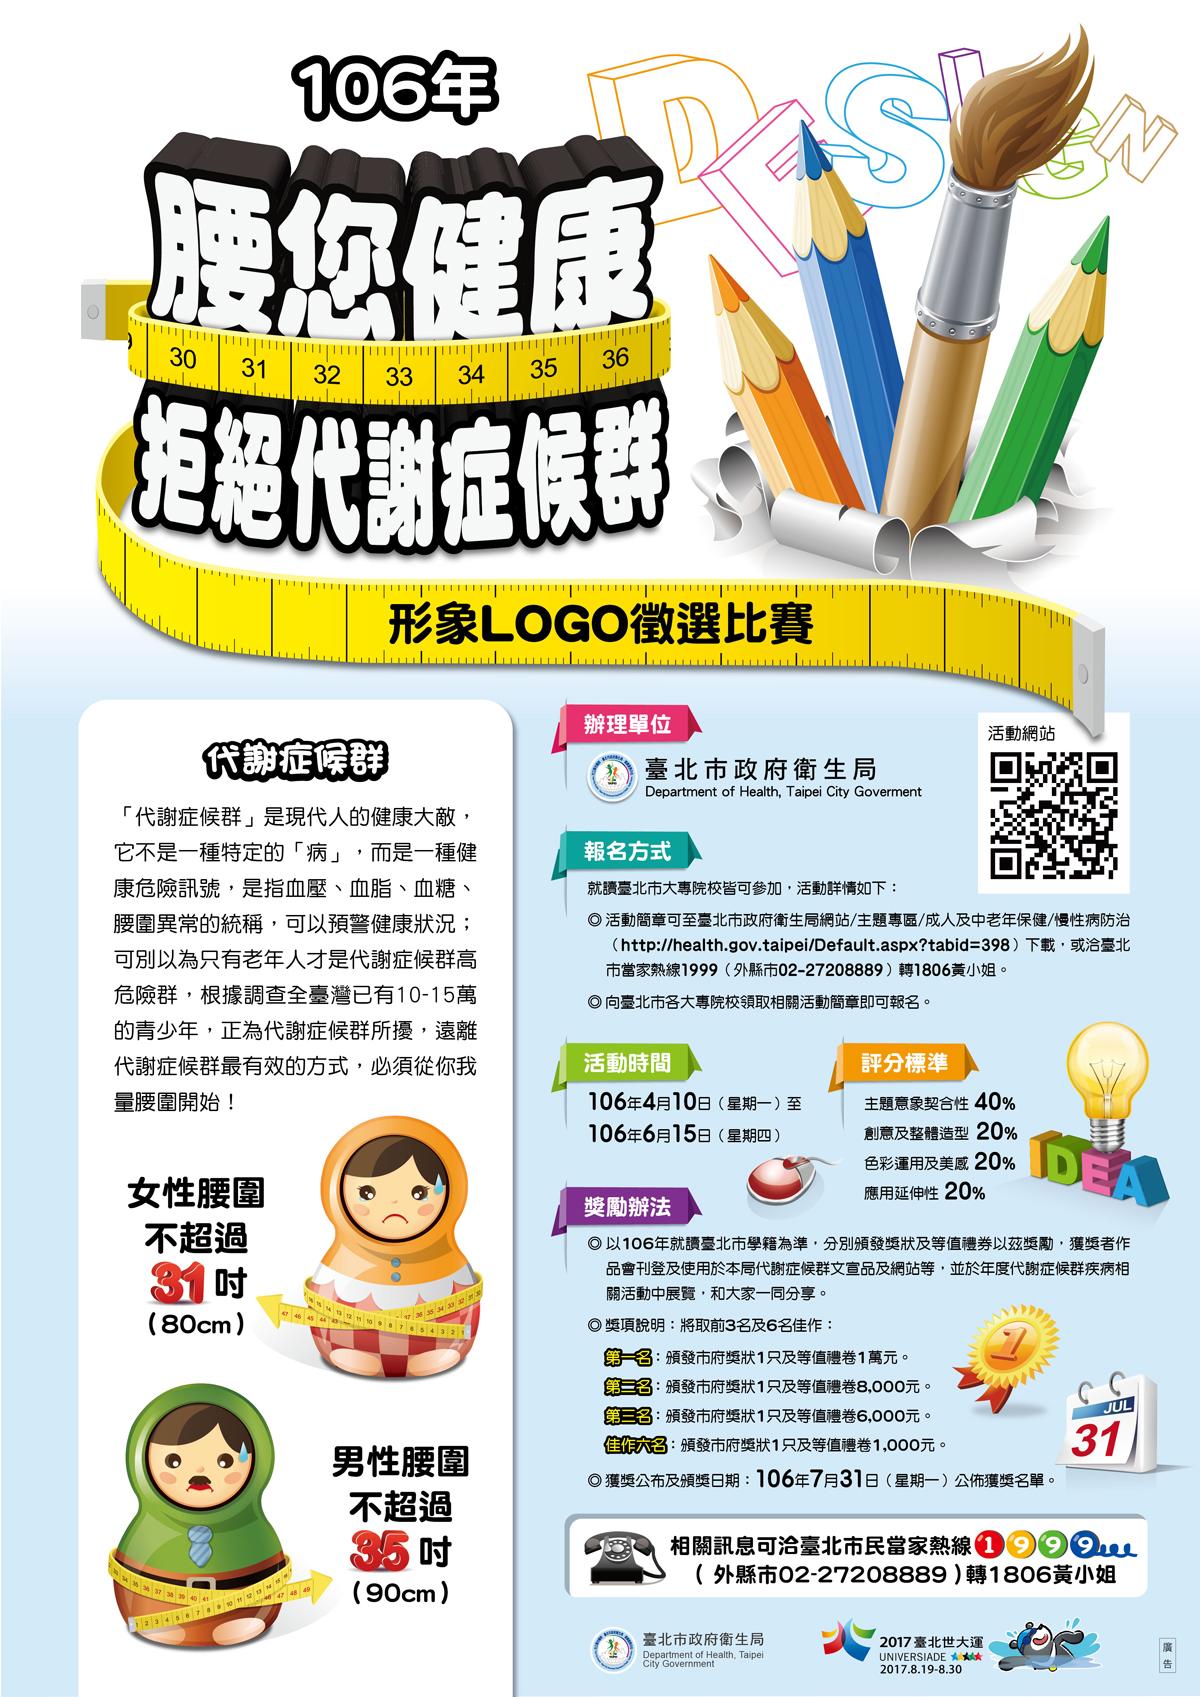 臺北市大專院校106年「腰您健康-拒絕代謝症候群」形象Logo徵選比賽